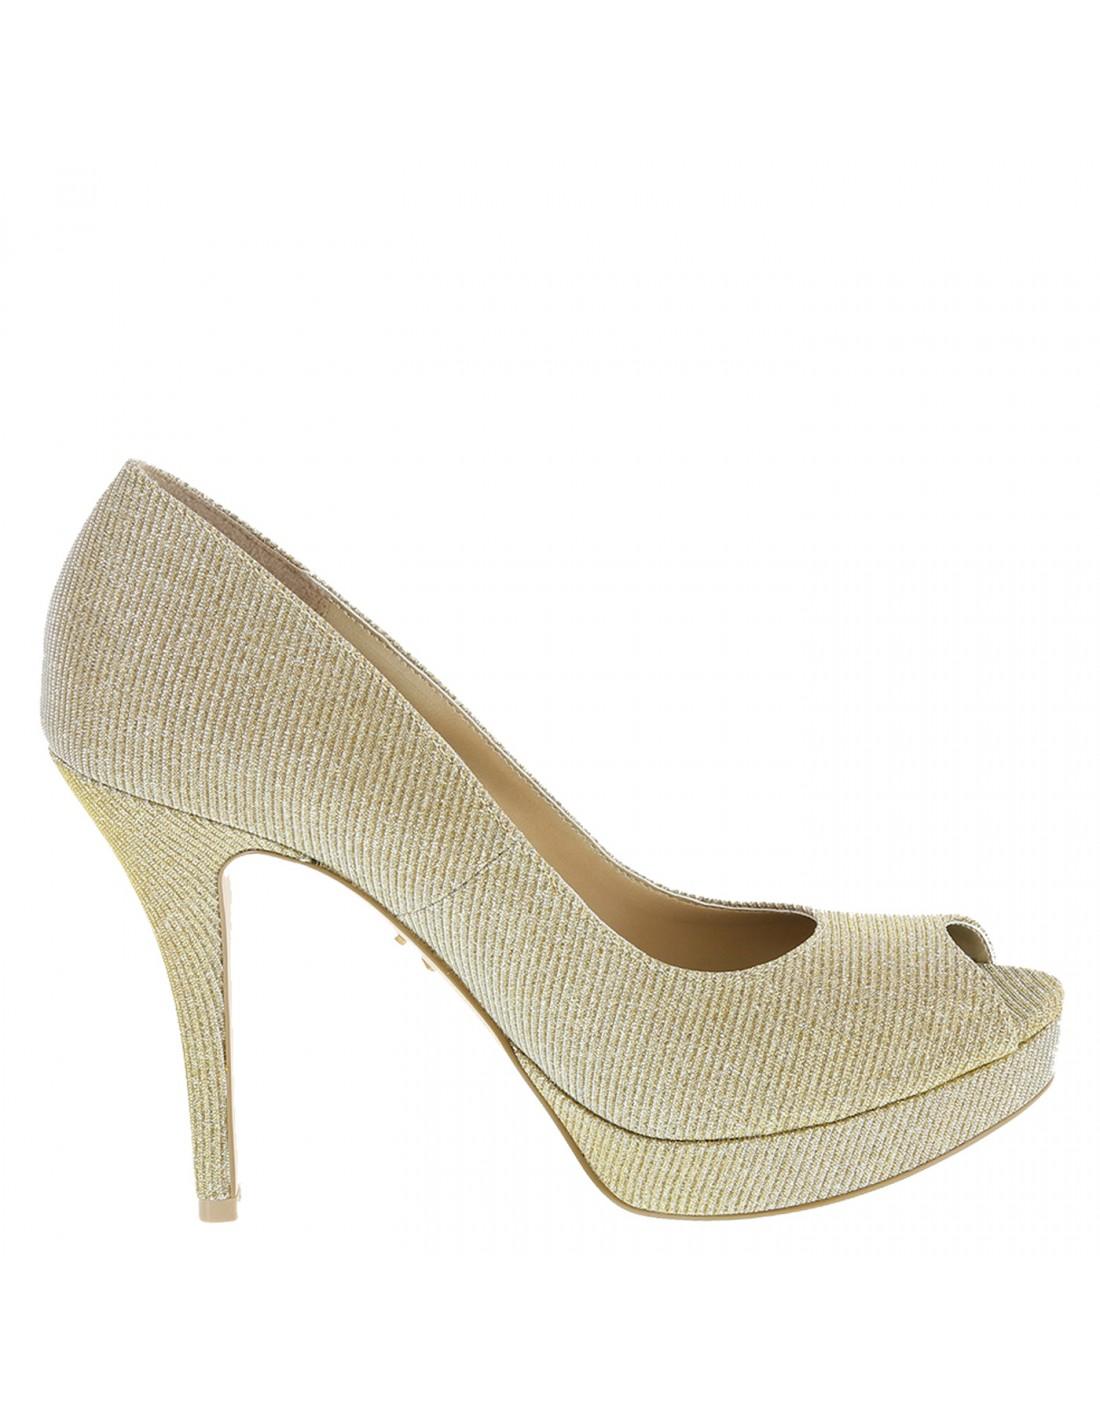 f35affeac9313 ... Zapatos Sofía Vergara Peep Toe Mesh Plataforma. Precio rebajado.  Previous